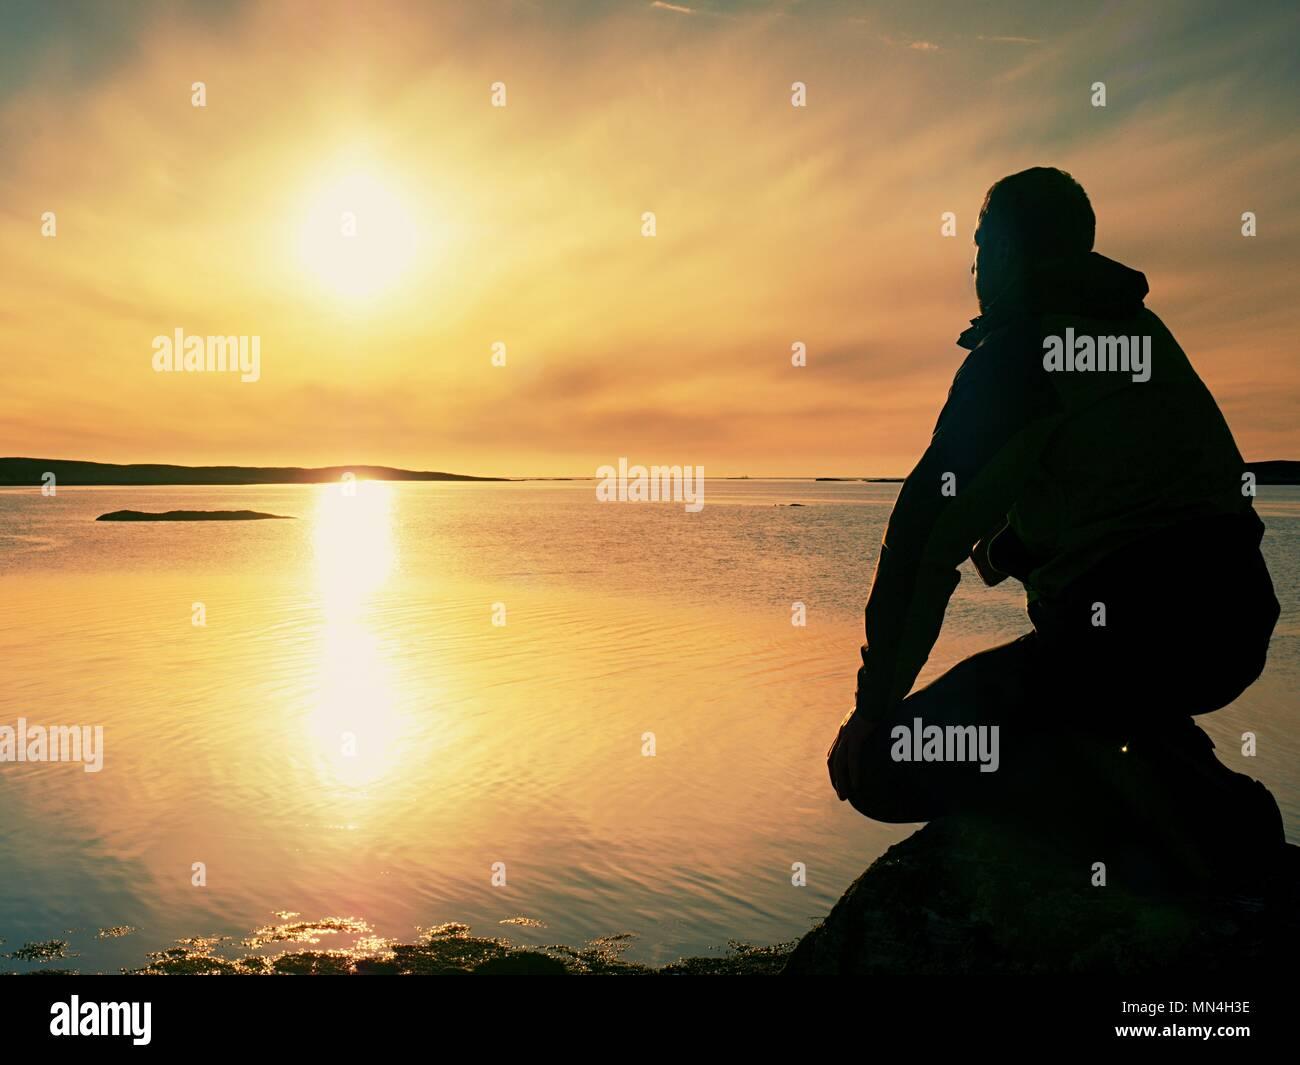 Hombre solitario caminante está sola en la costa rocosa y disfrutando de la puesta de sol. Vistas al acantilado rocoso océano gratis Imagen De Stock